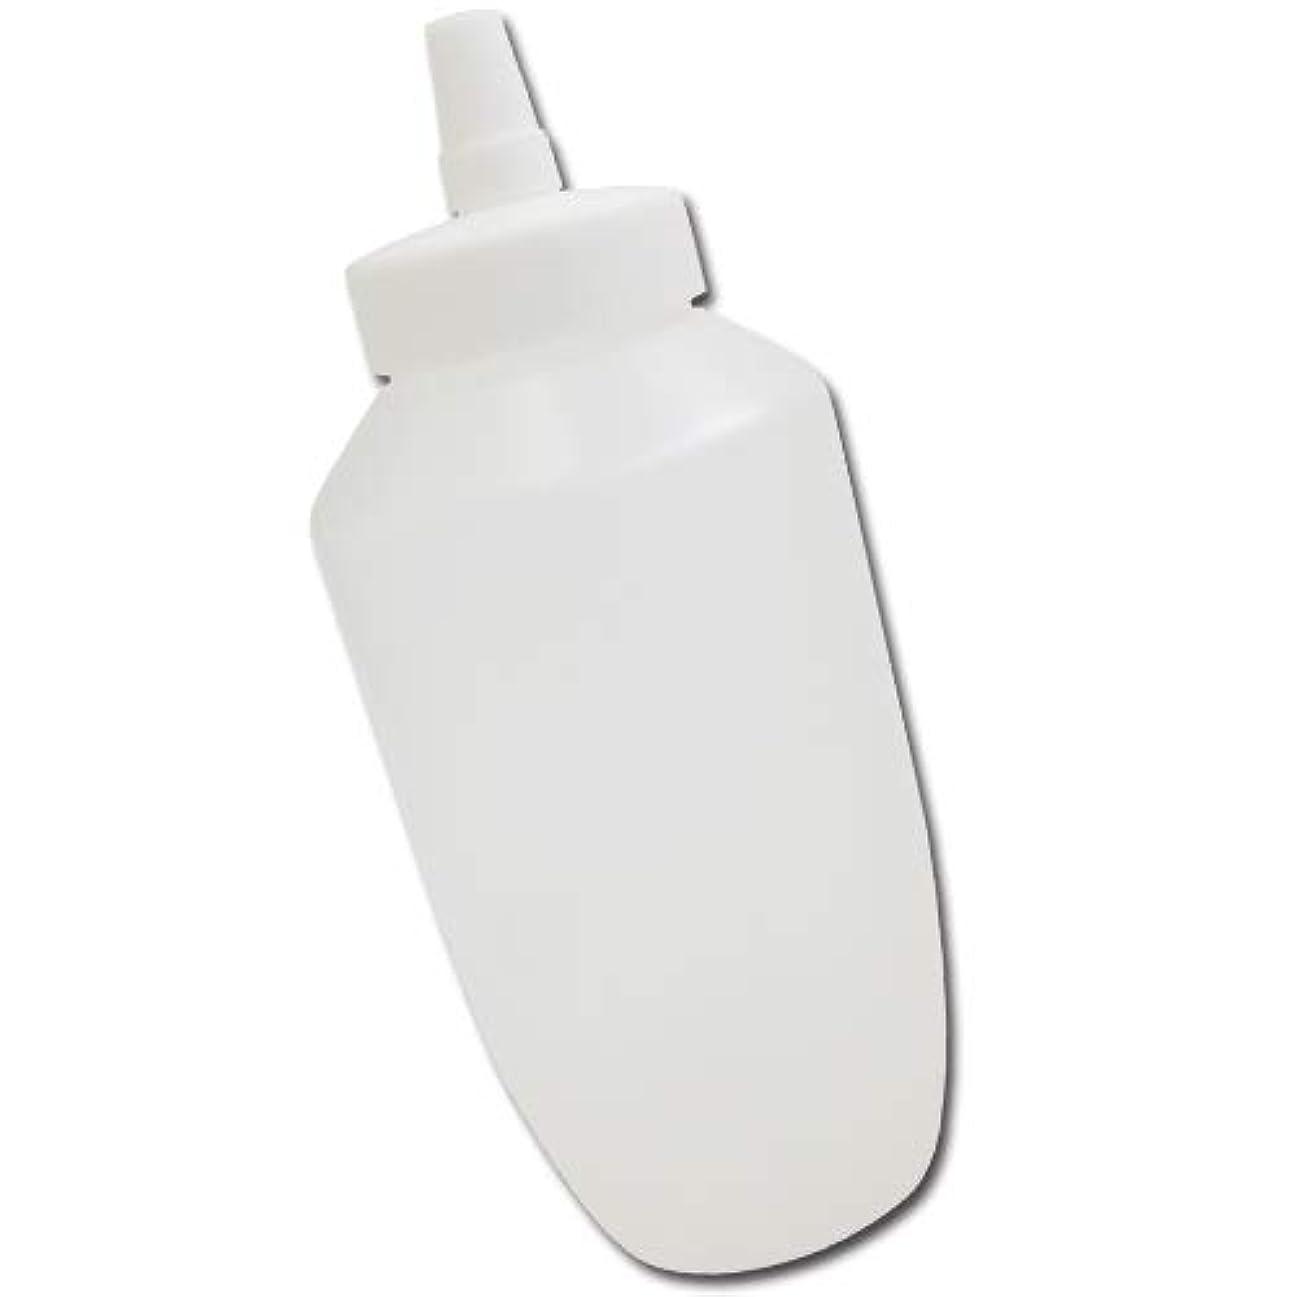 症状舗装するテナントはちみつ容器740ml(ホワイトキャップ)│業務用ローションや調味料の小分けに詰め替え用ハチミツ容器(蜂蜜容器)はちみつボトルビッグな特大サイズ